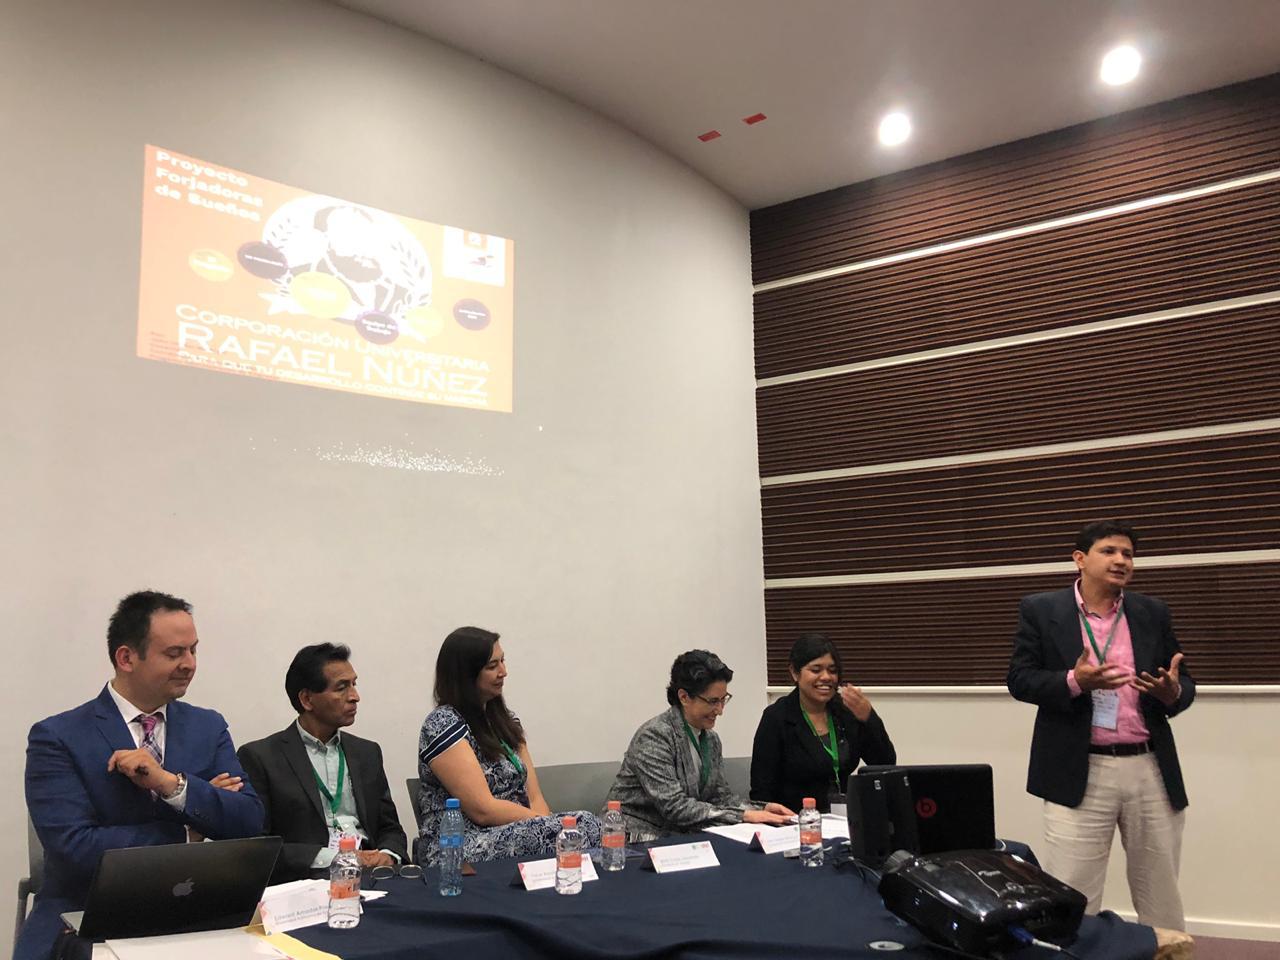 Programa de Administración de Empresas Presente en la XXVI Congreso Anual AMPEI 2018